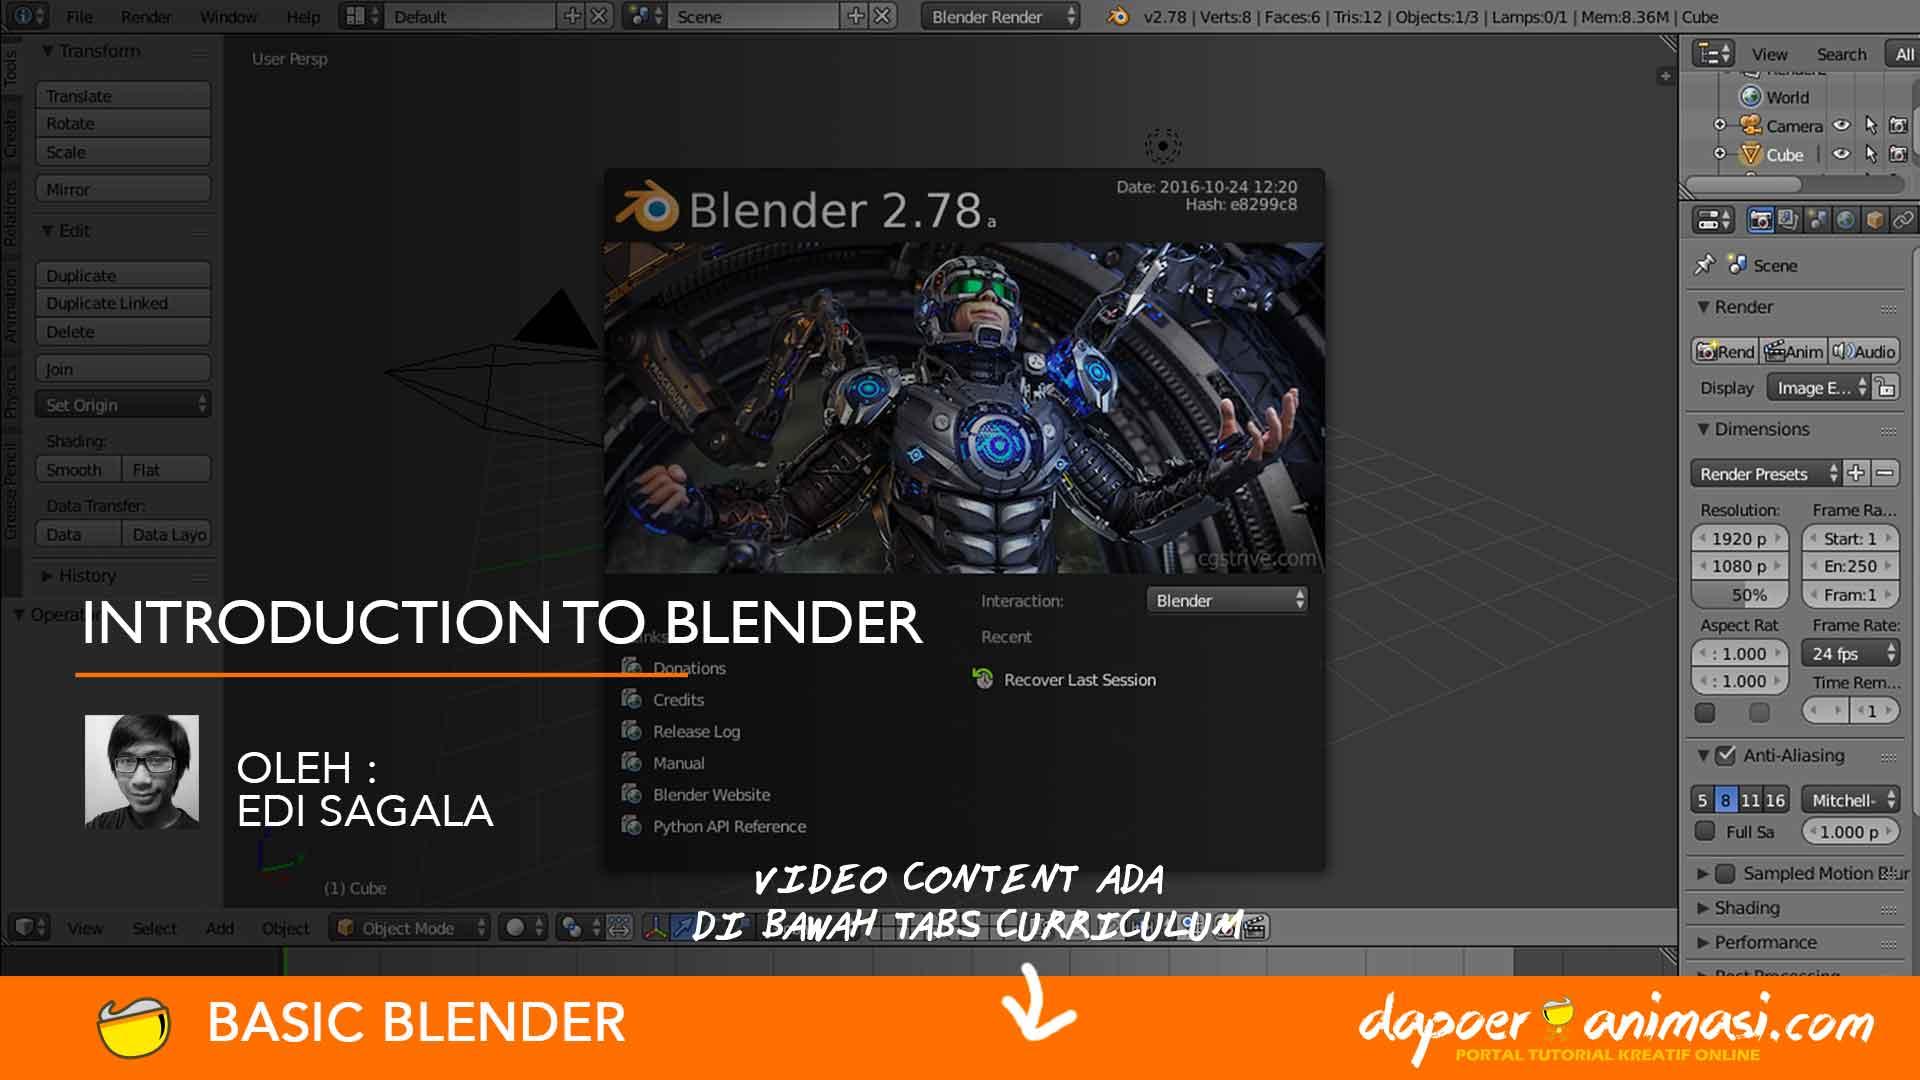 Dapoer Animasi : Introduction to Blender